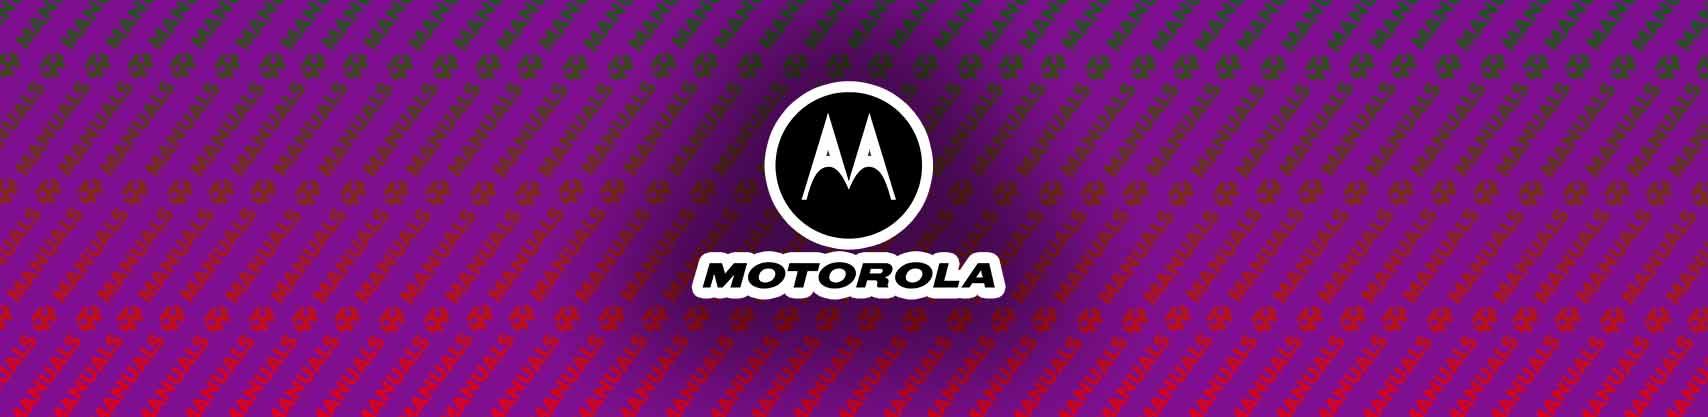 Motorola Surfboard SBG6580 Manual